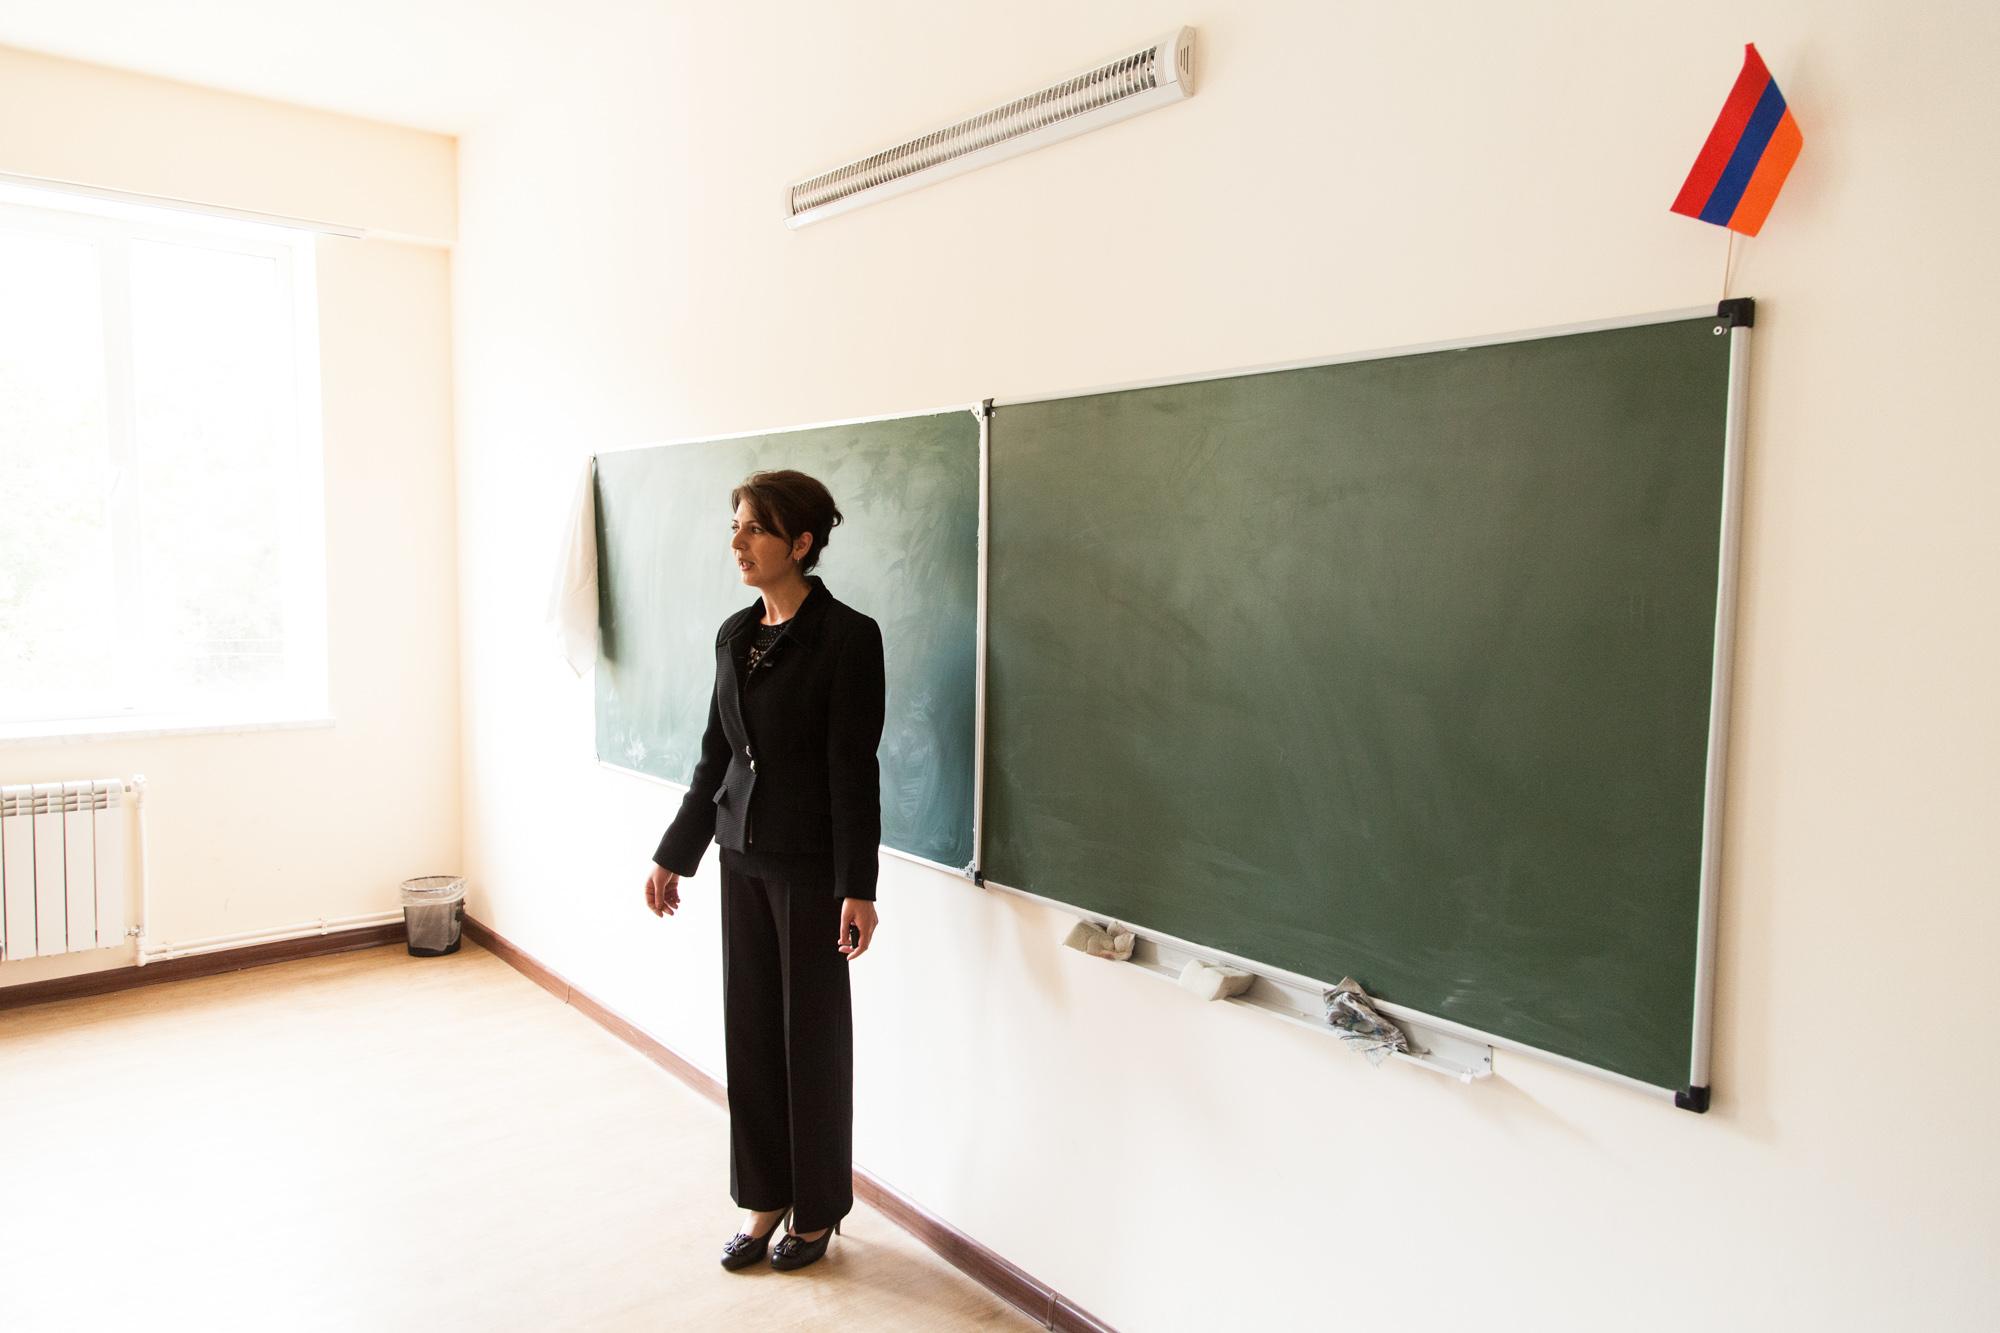 """À l'école, dont la reconstruction a été financée par le Fond Arménien de France, Kariné Katchatrian donne les cours d'Histoire Religieuse de l'Église Arménienne. Les enfants y étudient les textes et apprennent les prières. Dans la salle des professeurs, une de ses collègues montre à tous une vidéo de son fils à l'armée, postée sur Youtube. Les appelés passent 2 mois au front et reviennent 15 jours, pendant 2 ans. Le fils de Kariné Katcharian y est aussi en ce moment. Ils étaient tous les deux encore étudiants ici il y a peu. """" Je suis inquiète tout le temps. Et quand je n'ai pas de coup de fil pendant 2 jours... """"  Extraits du webdocumentaire   Ashotsk, aux confins de l'Arménie  ."""